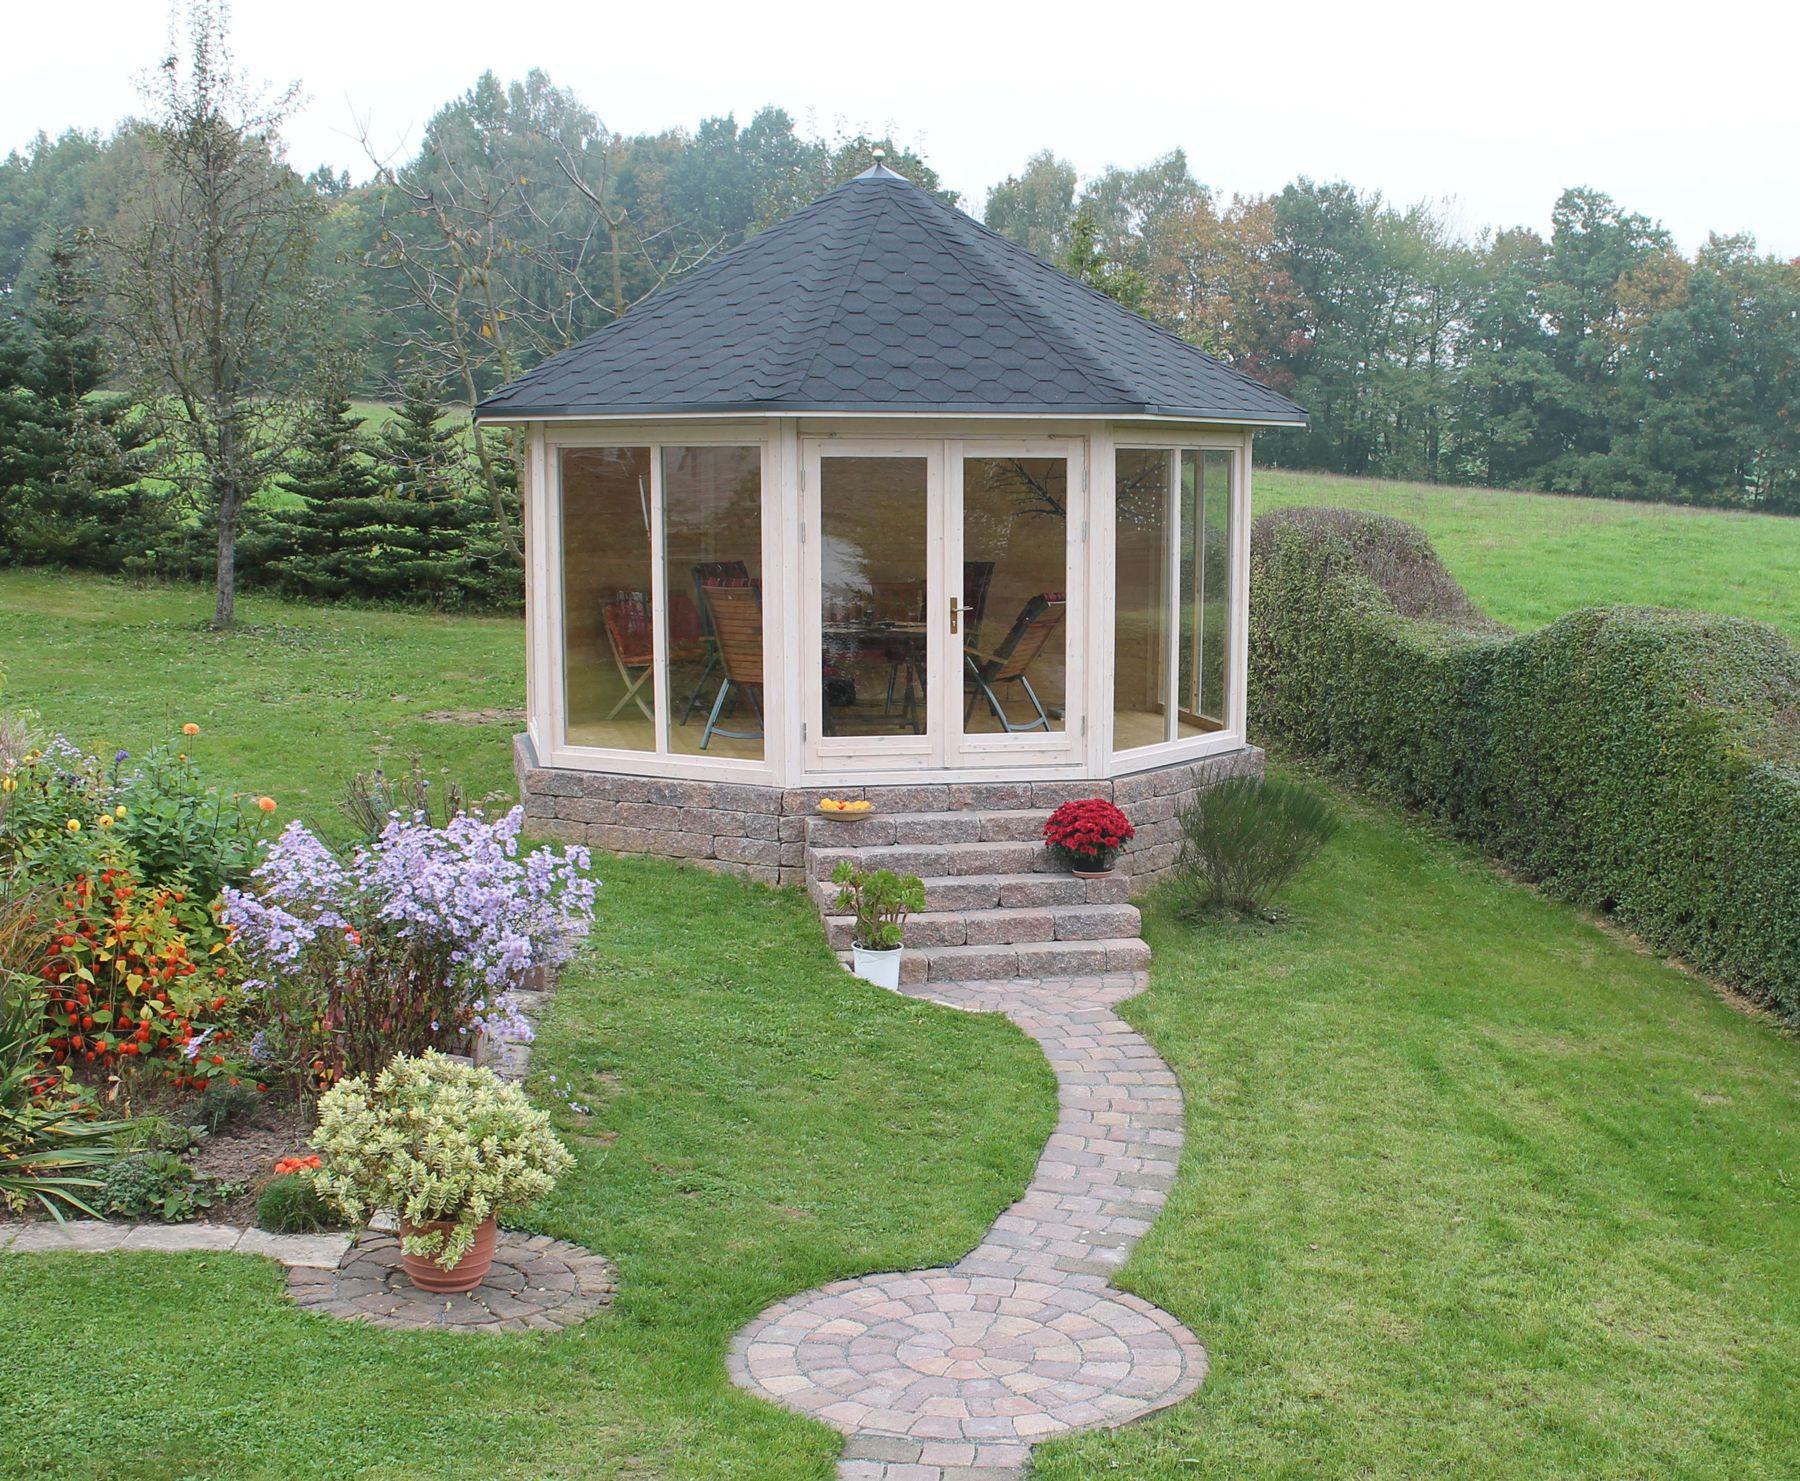 Gartenpavillon mit bodentiefen Fenstern auf einem